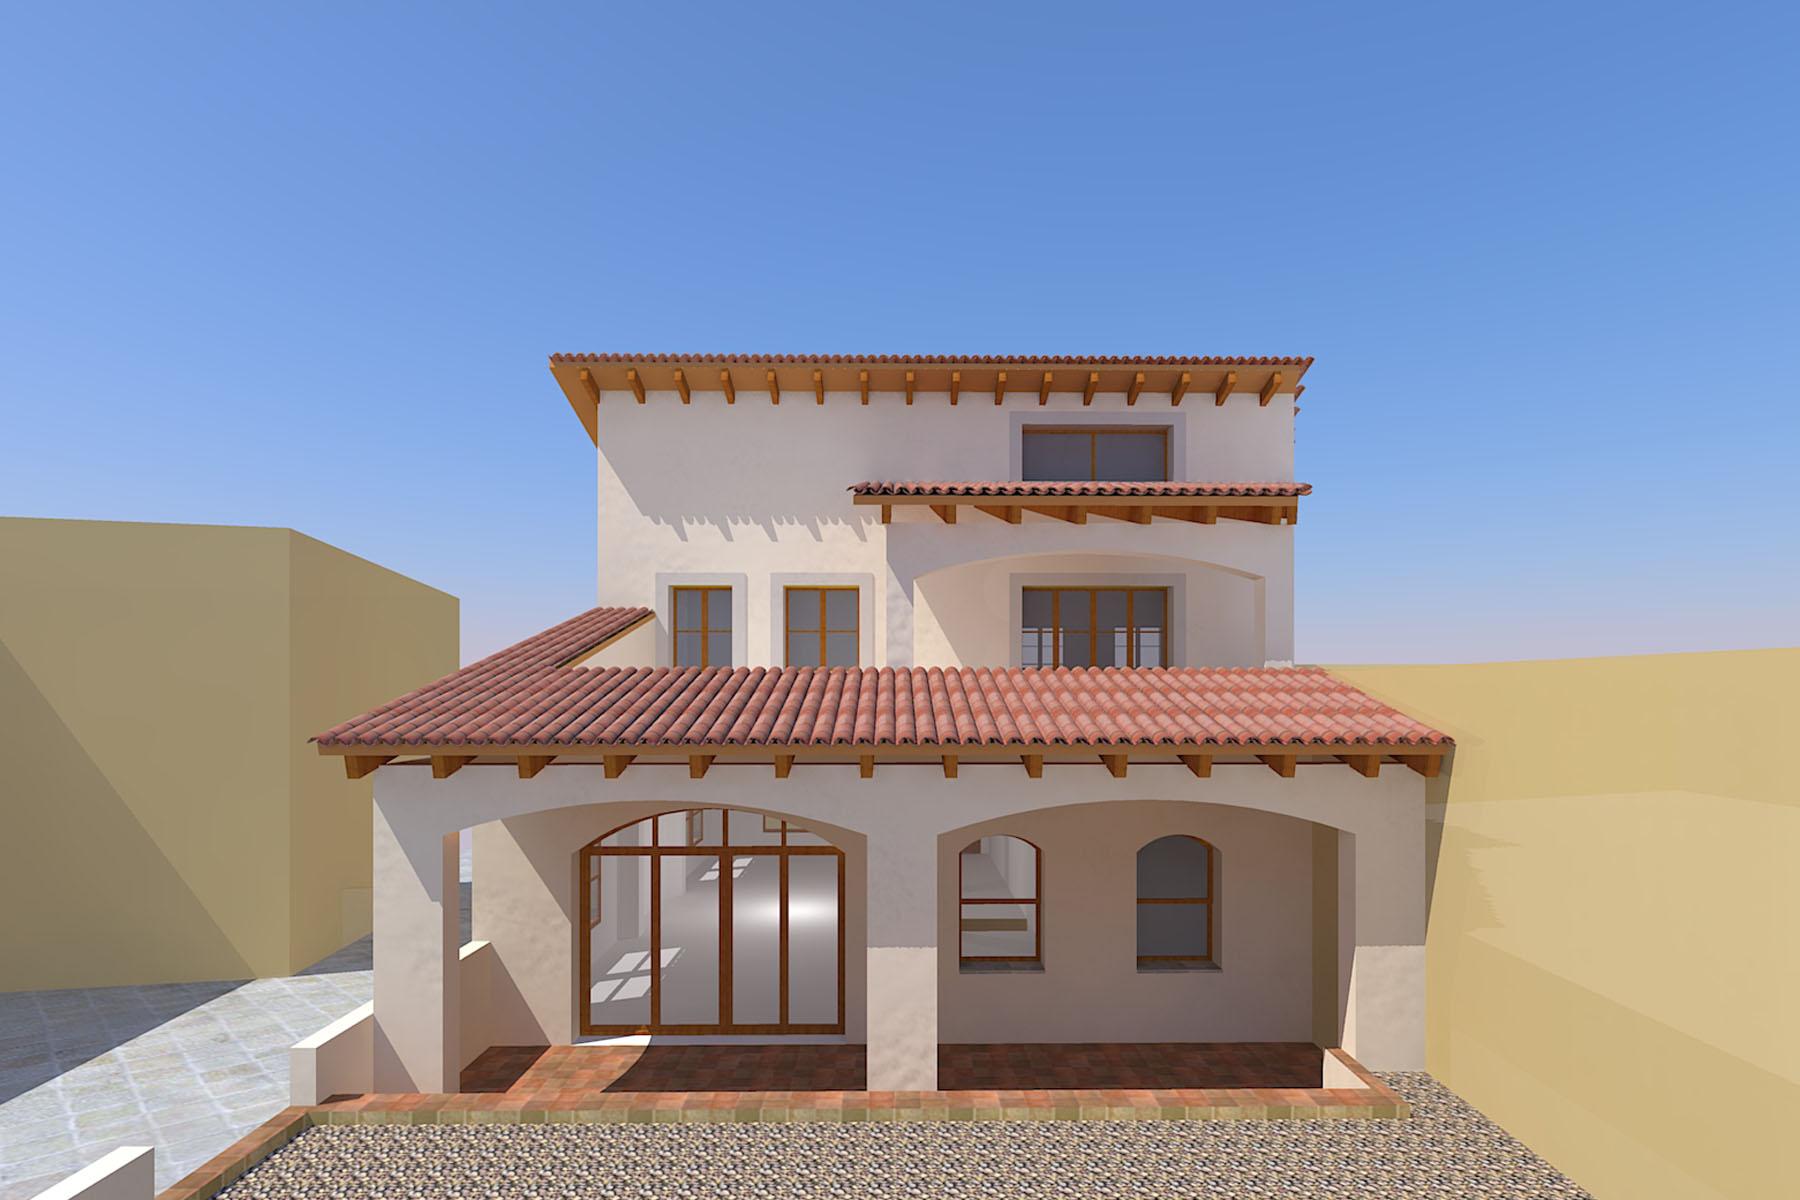 Vivienda Unifamiliar y Restaurante en Castellet y la Gornal